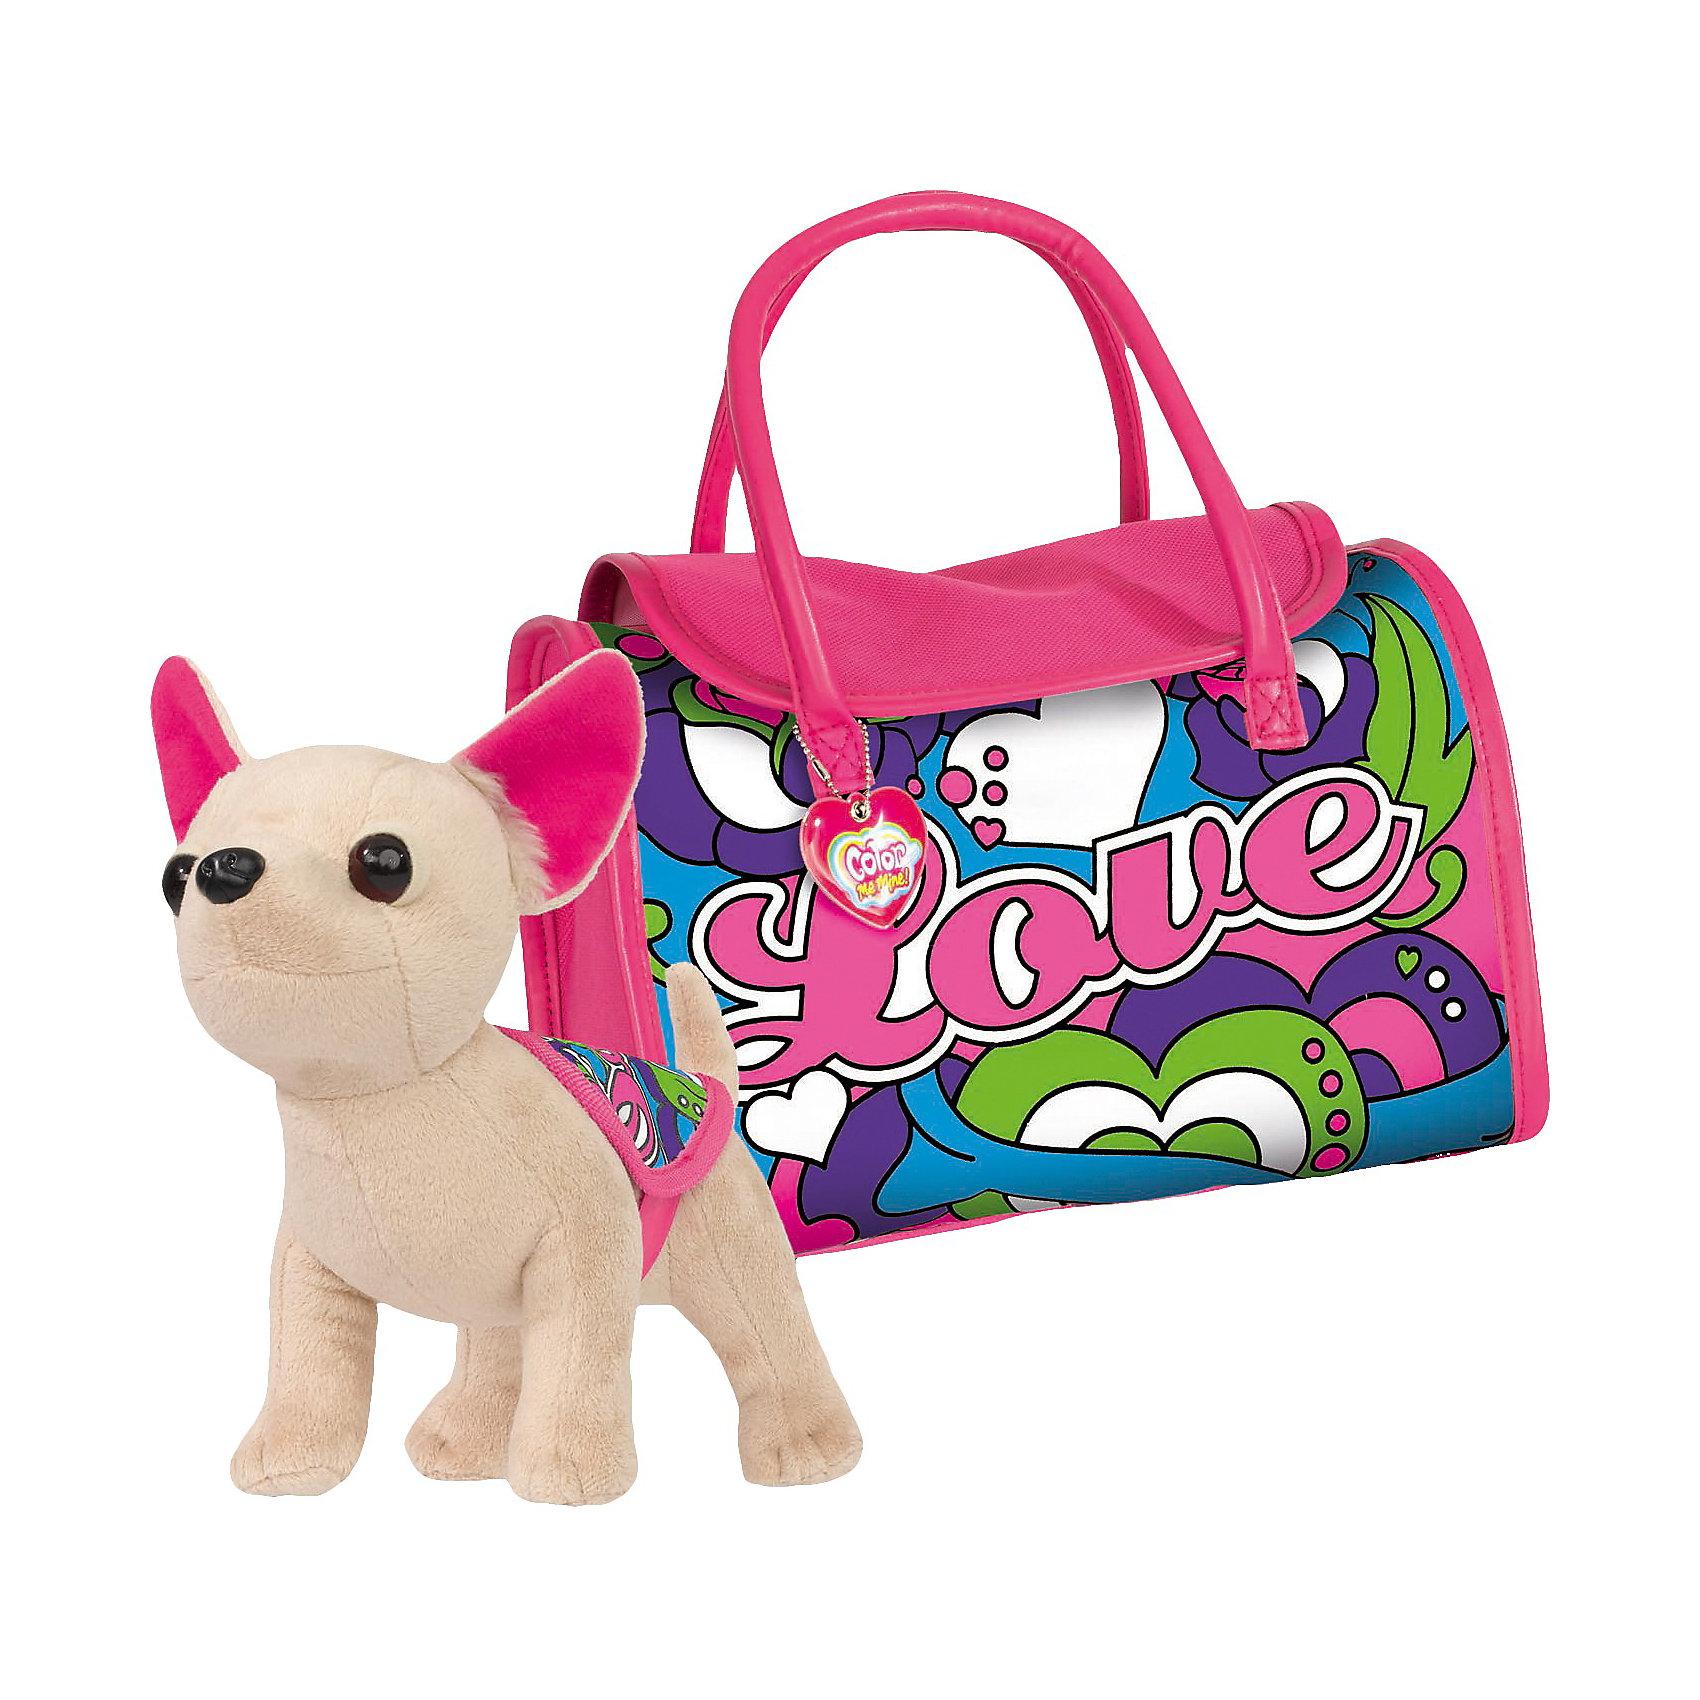 Simba Набор Чихуахуа с сумкой, Color me mine, Simba